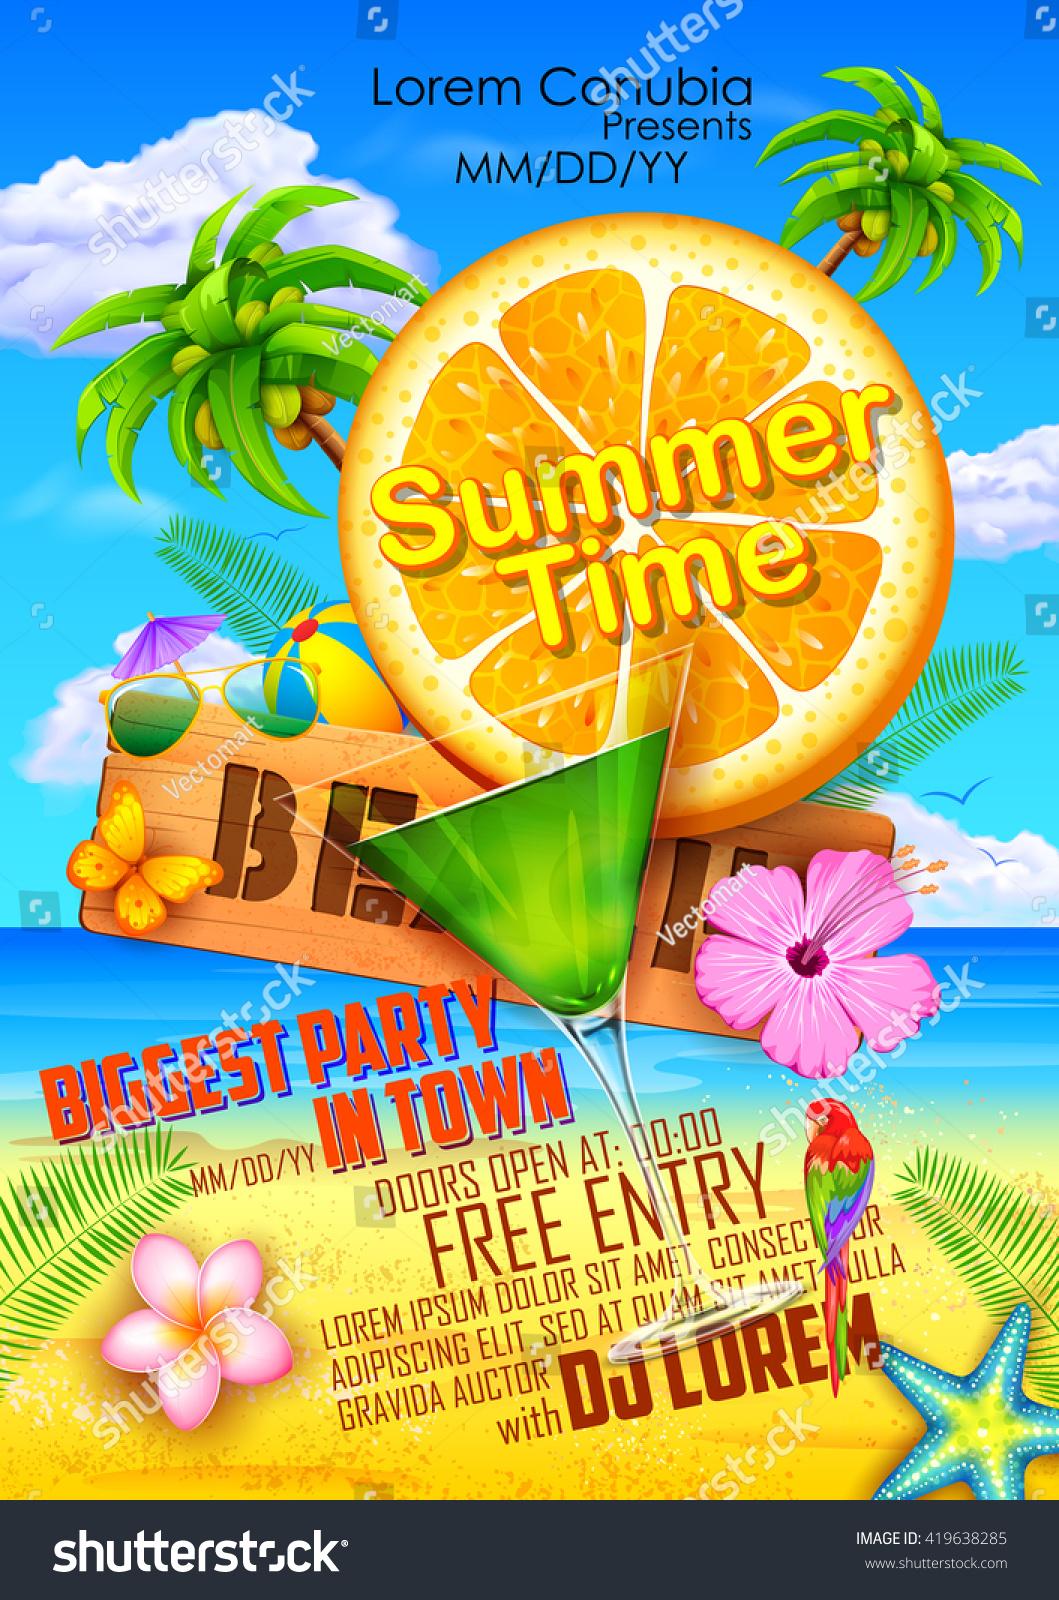 D d poster design - Illustration Of Summer Festival Poster Design